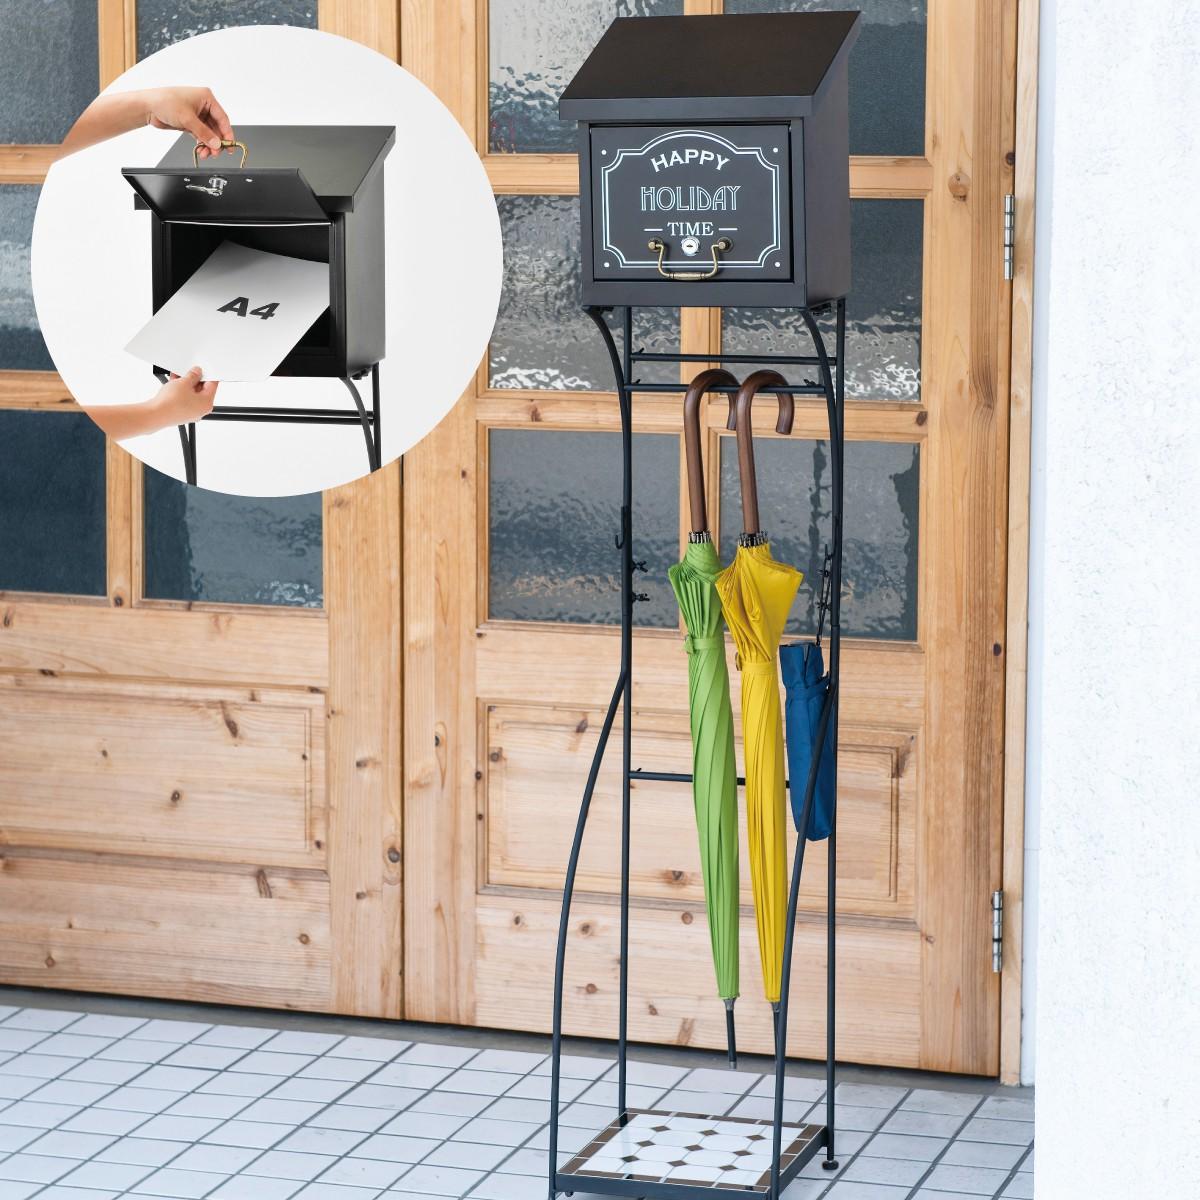 ポスト スタンド 置き型 おしゃれ スタンドポスト カフェ SI-2620 返品不可 キャンセル不可 代引不可 メーカー直送